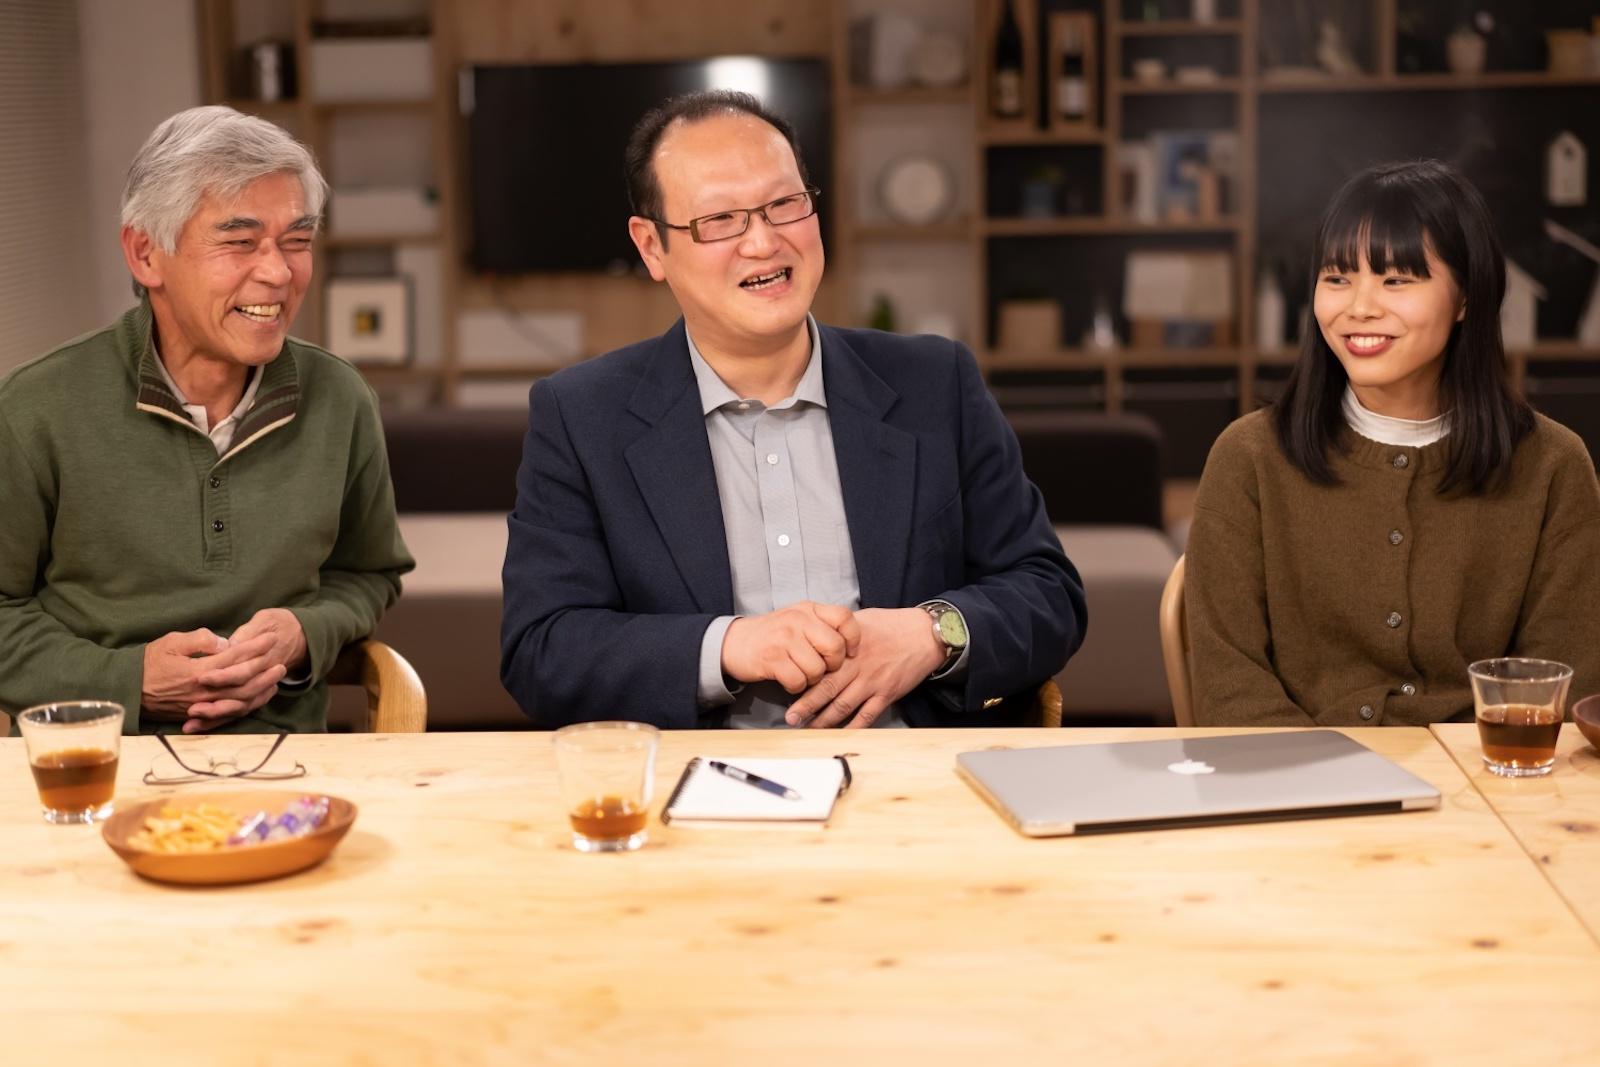 左から、三枝さん、尾崎先生、桝田さん。『おそとカフェ』への思いは三者三様です